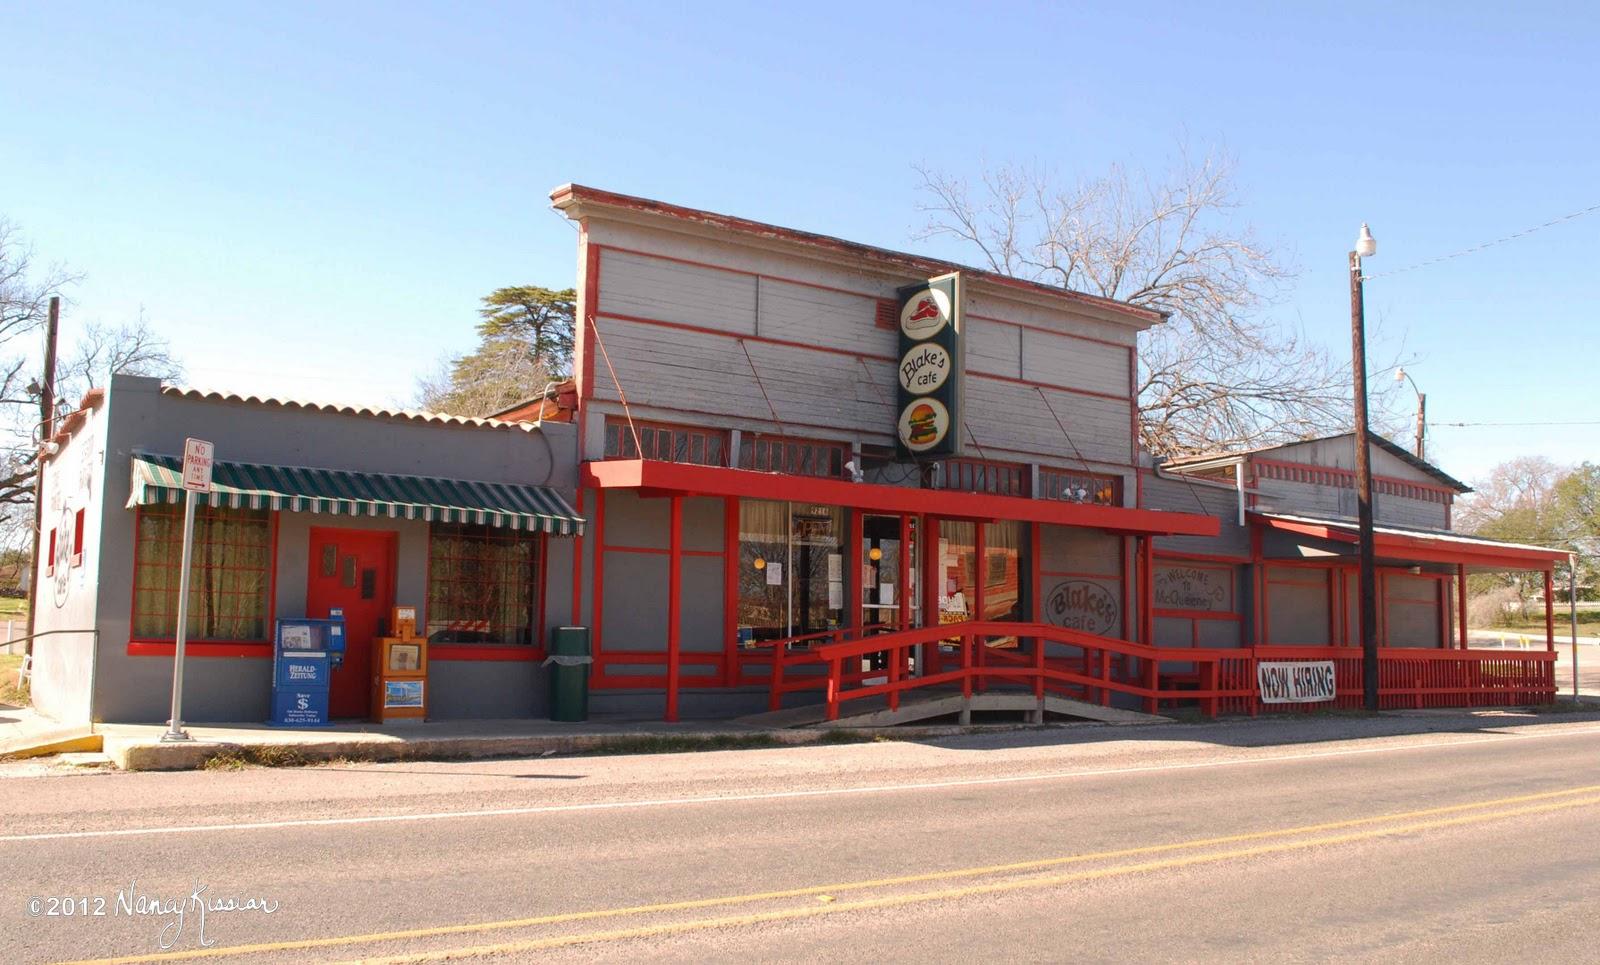 Blake S Cafe